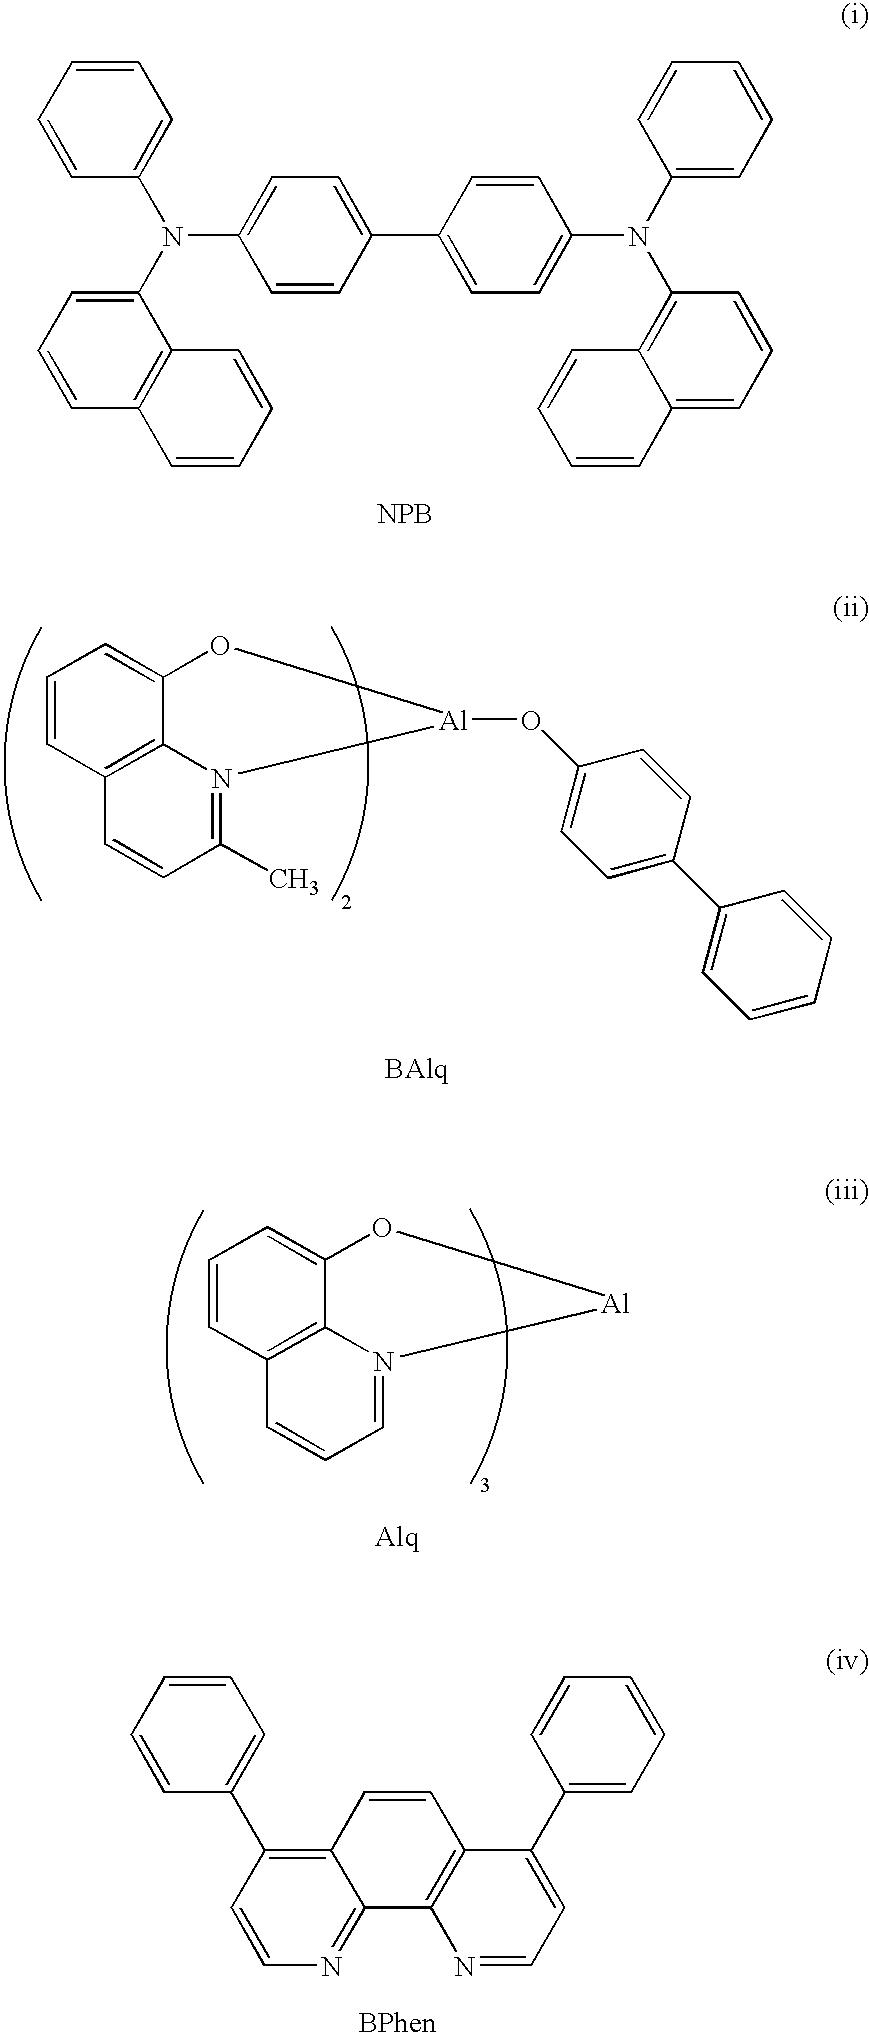 Figure US20100059741A1-20100311-C00015